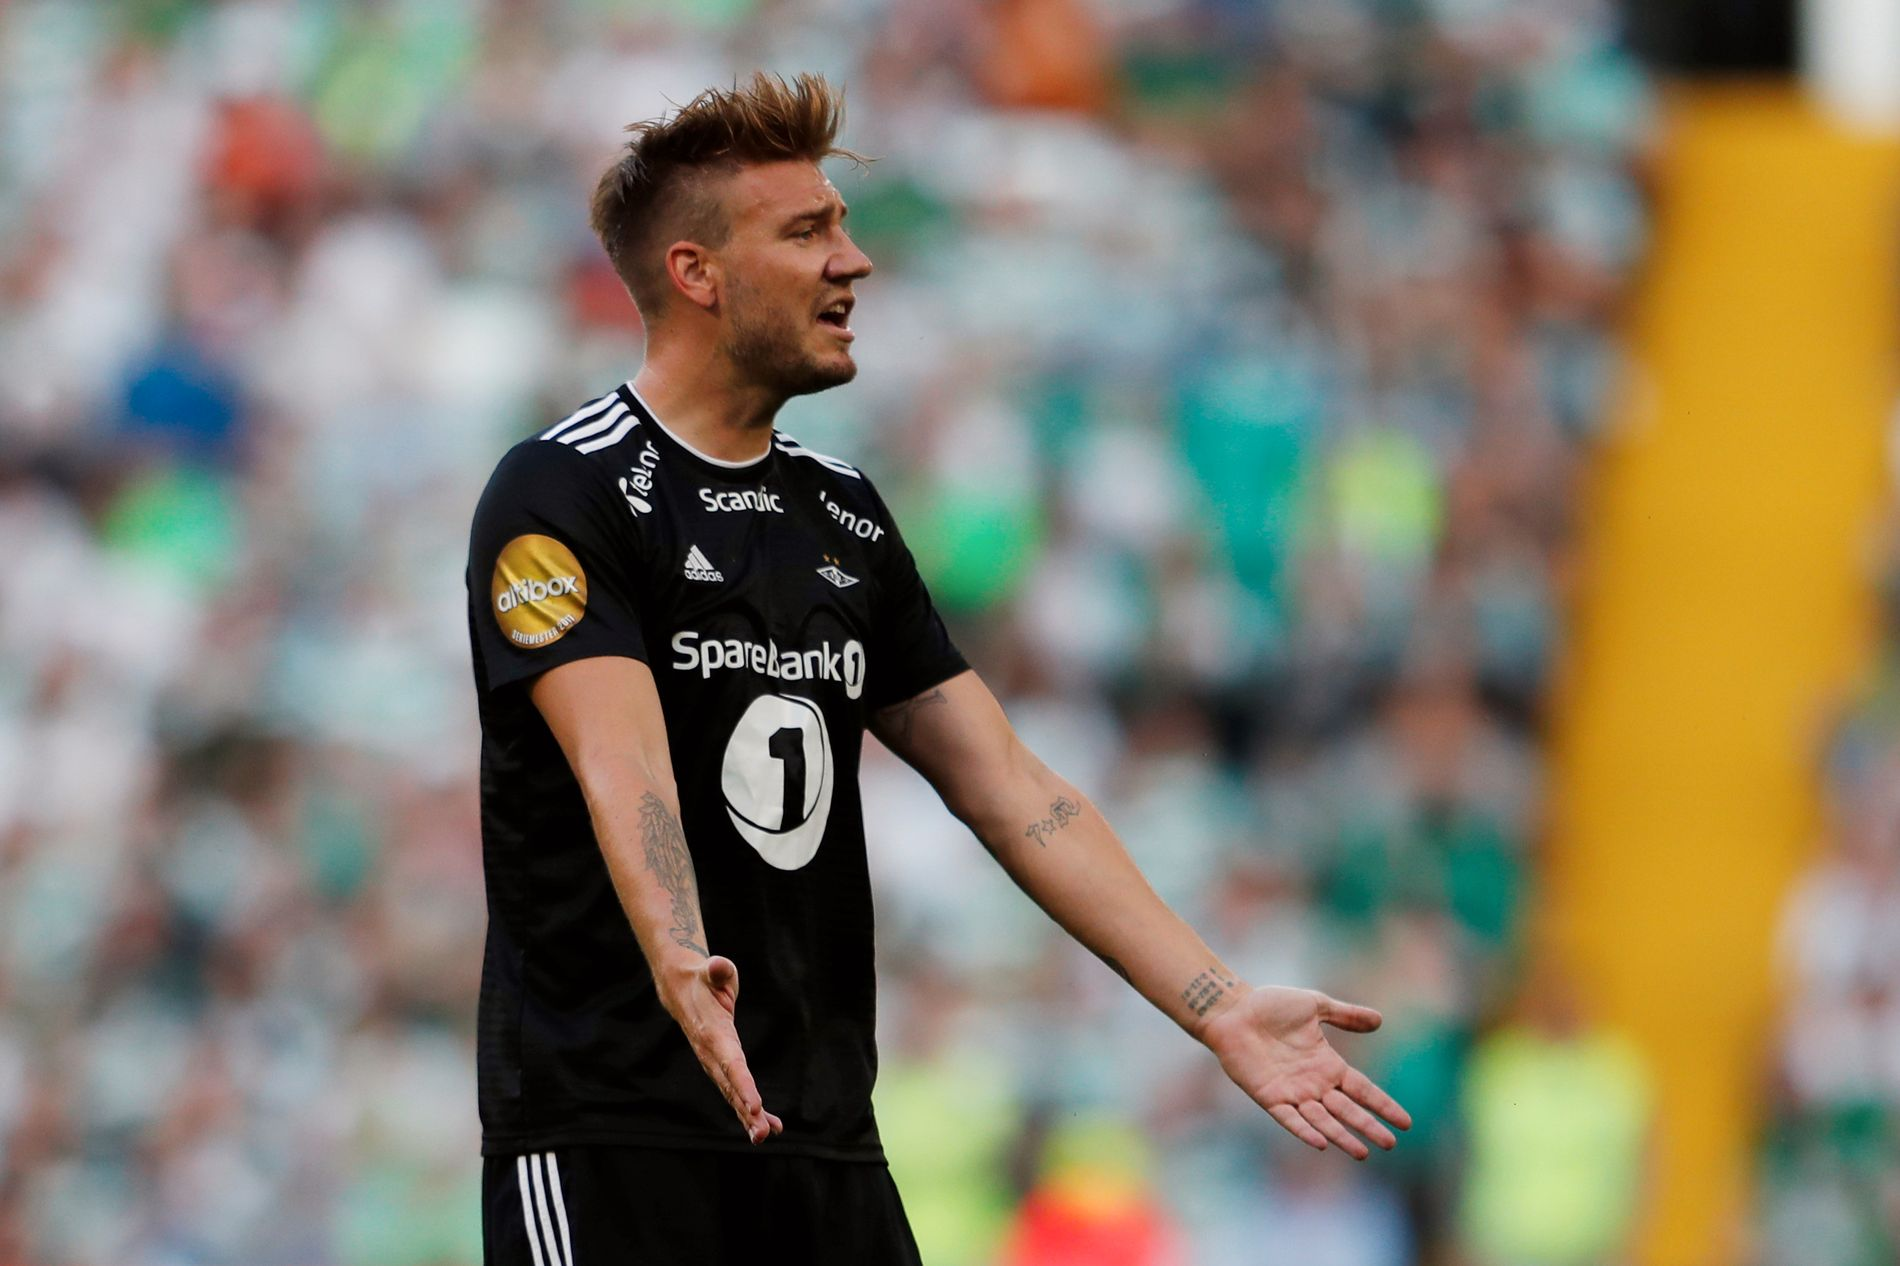 – FORTSATT FAVORITTER: Selv om Nicklas Bendtner har havnet i trøbbel, mener ekspertene VG har snakket med at Rosenborg fortsatt er klare favoritter til å bli seriemester i eliteserien.